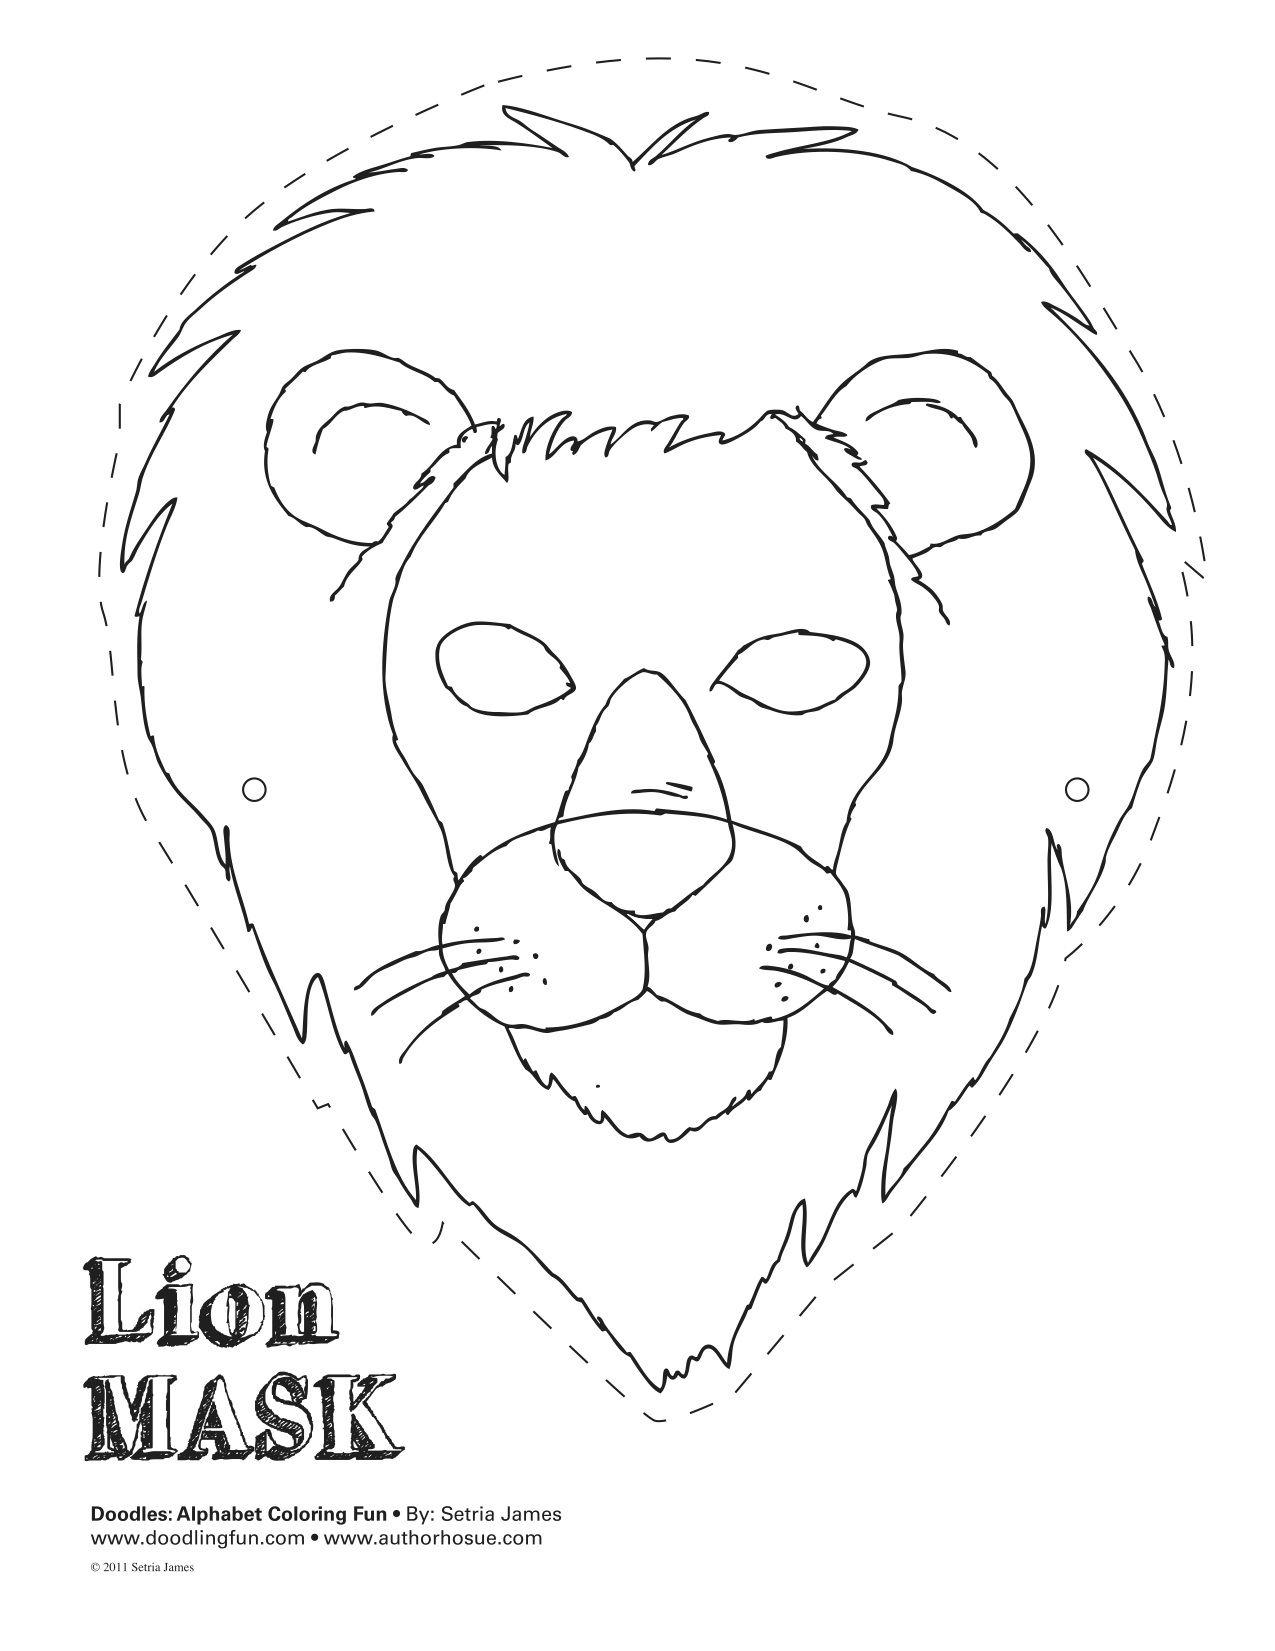 Animal Mask Templates - Google Search (Mit Bildern) | Masken bei Löwenmaske Basteln